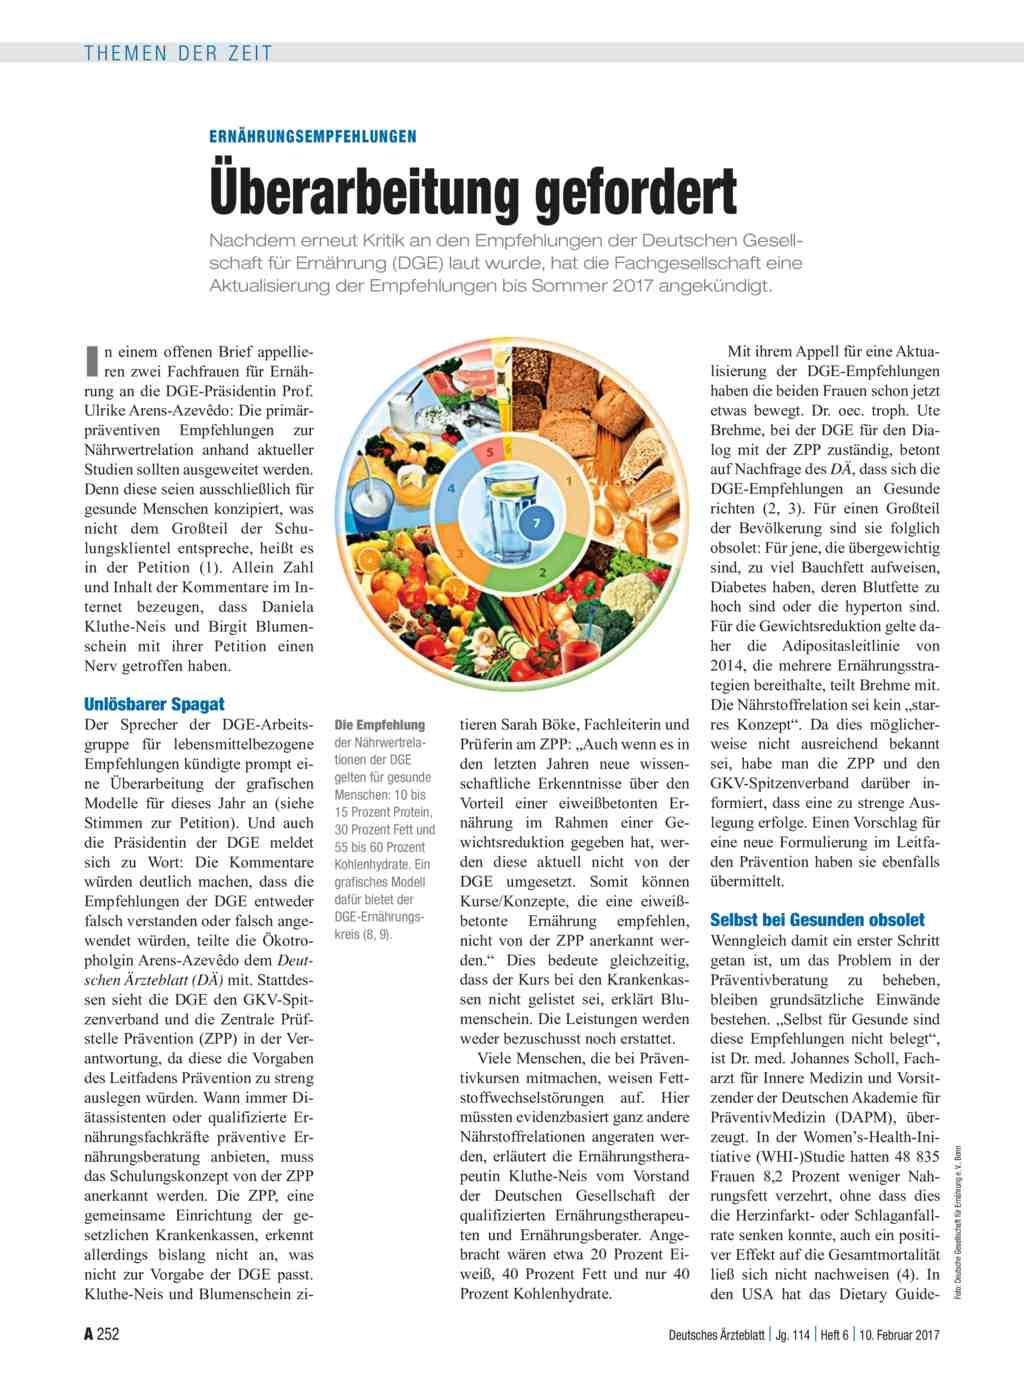 Neue Ernahrungsregeln Mehr Fett Weniger Kohlenhydrate Konnten